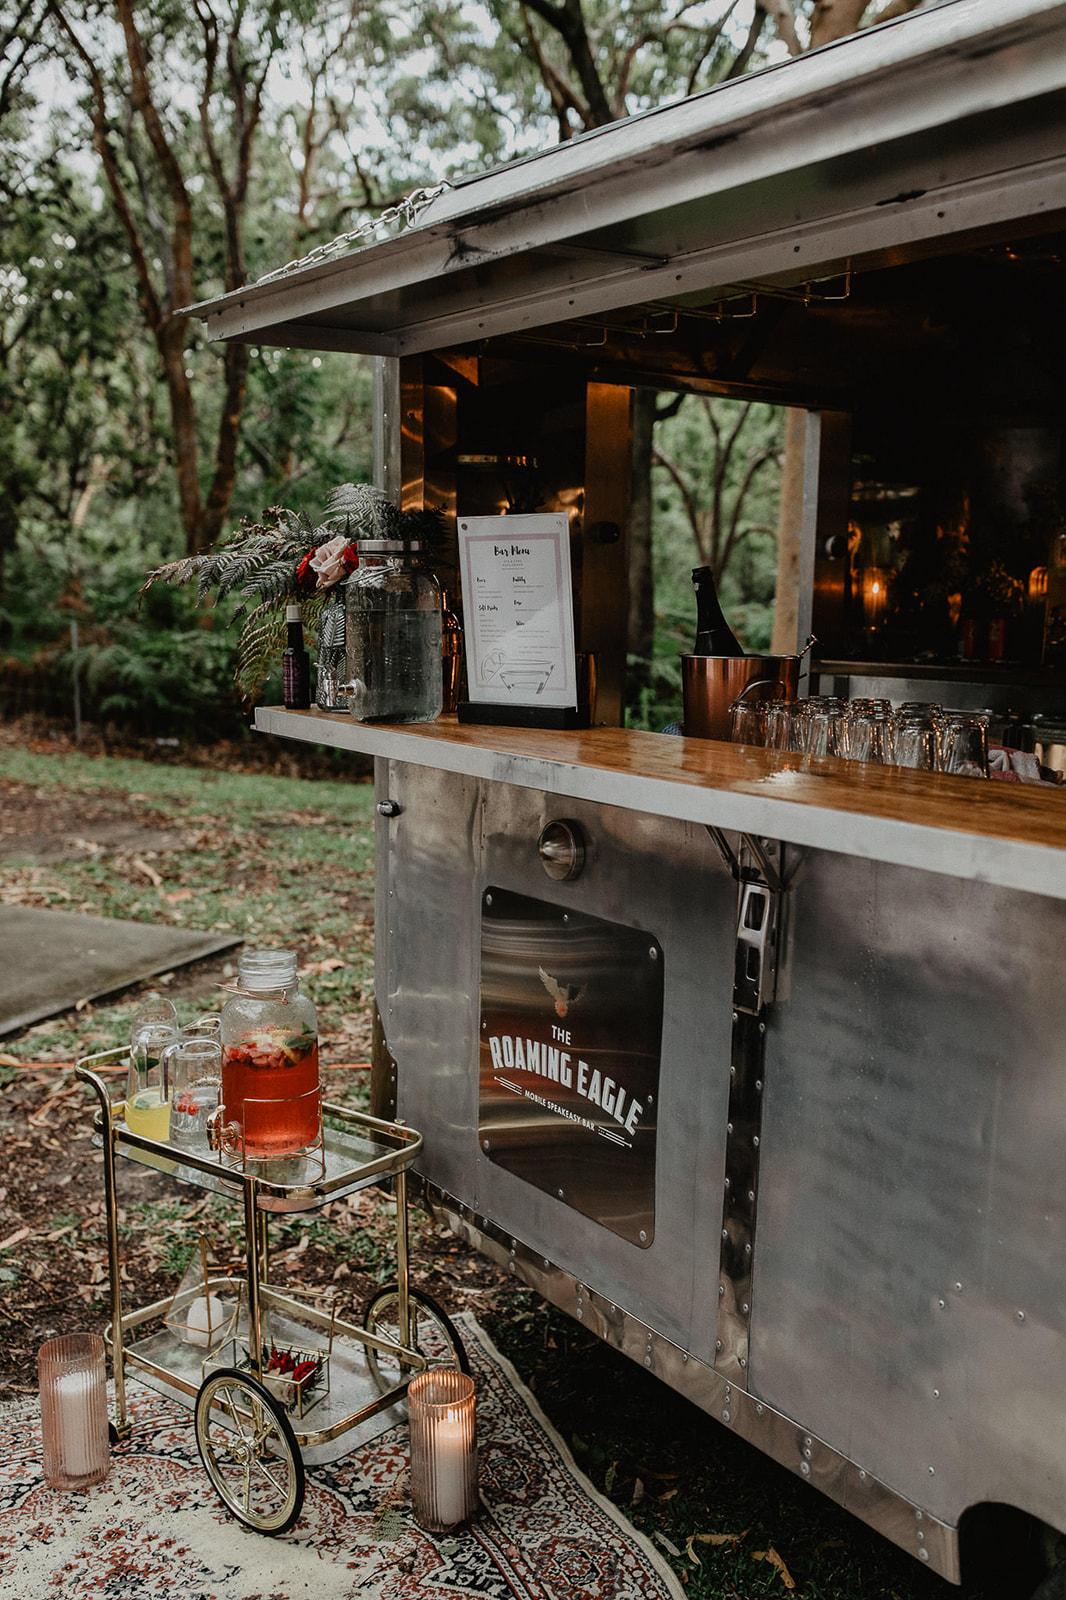 vladan gajic rustic vintage mobile wedding caravan bar hire newcastle